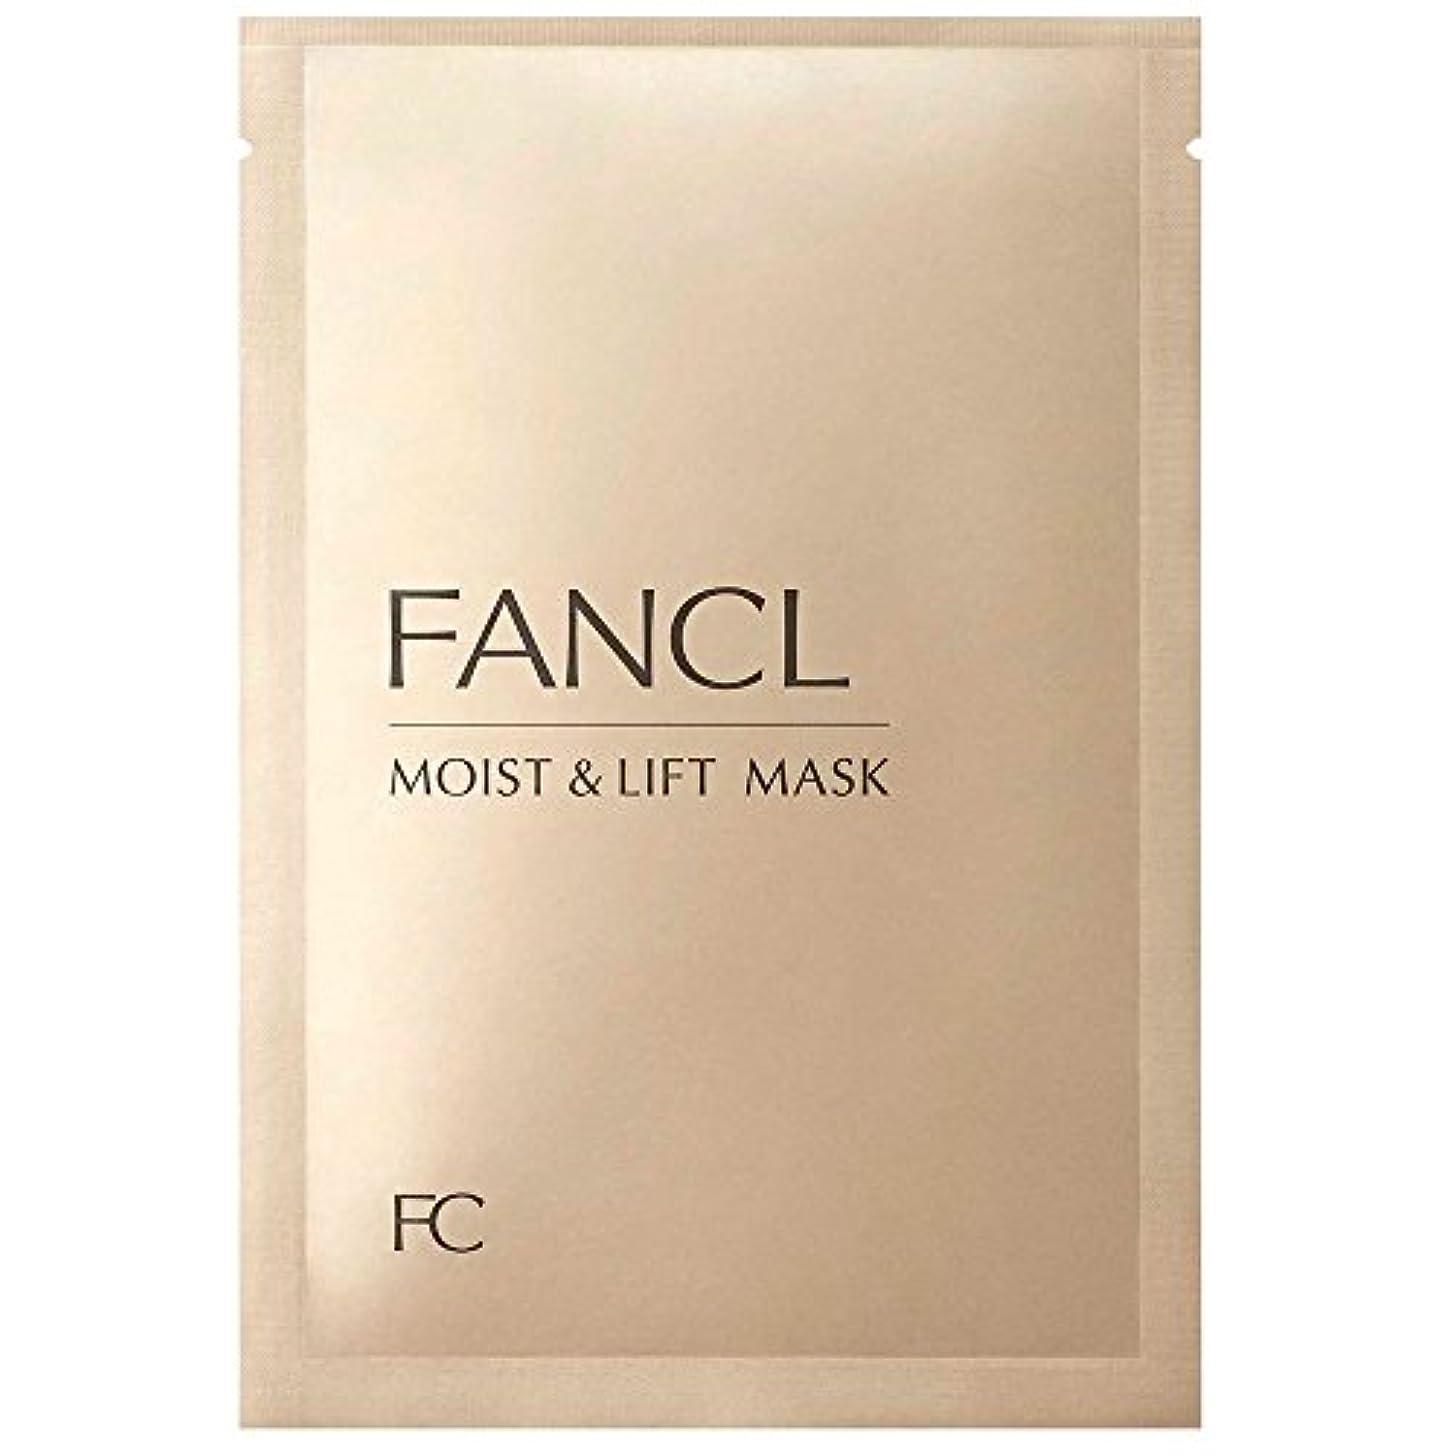 真実甘味構造的ファンケル(FANCL) モイスト&リフトマスク(M&L マスク)28mL×6枚